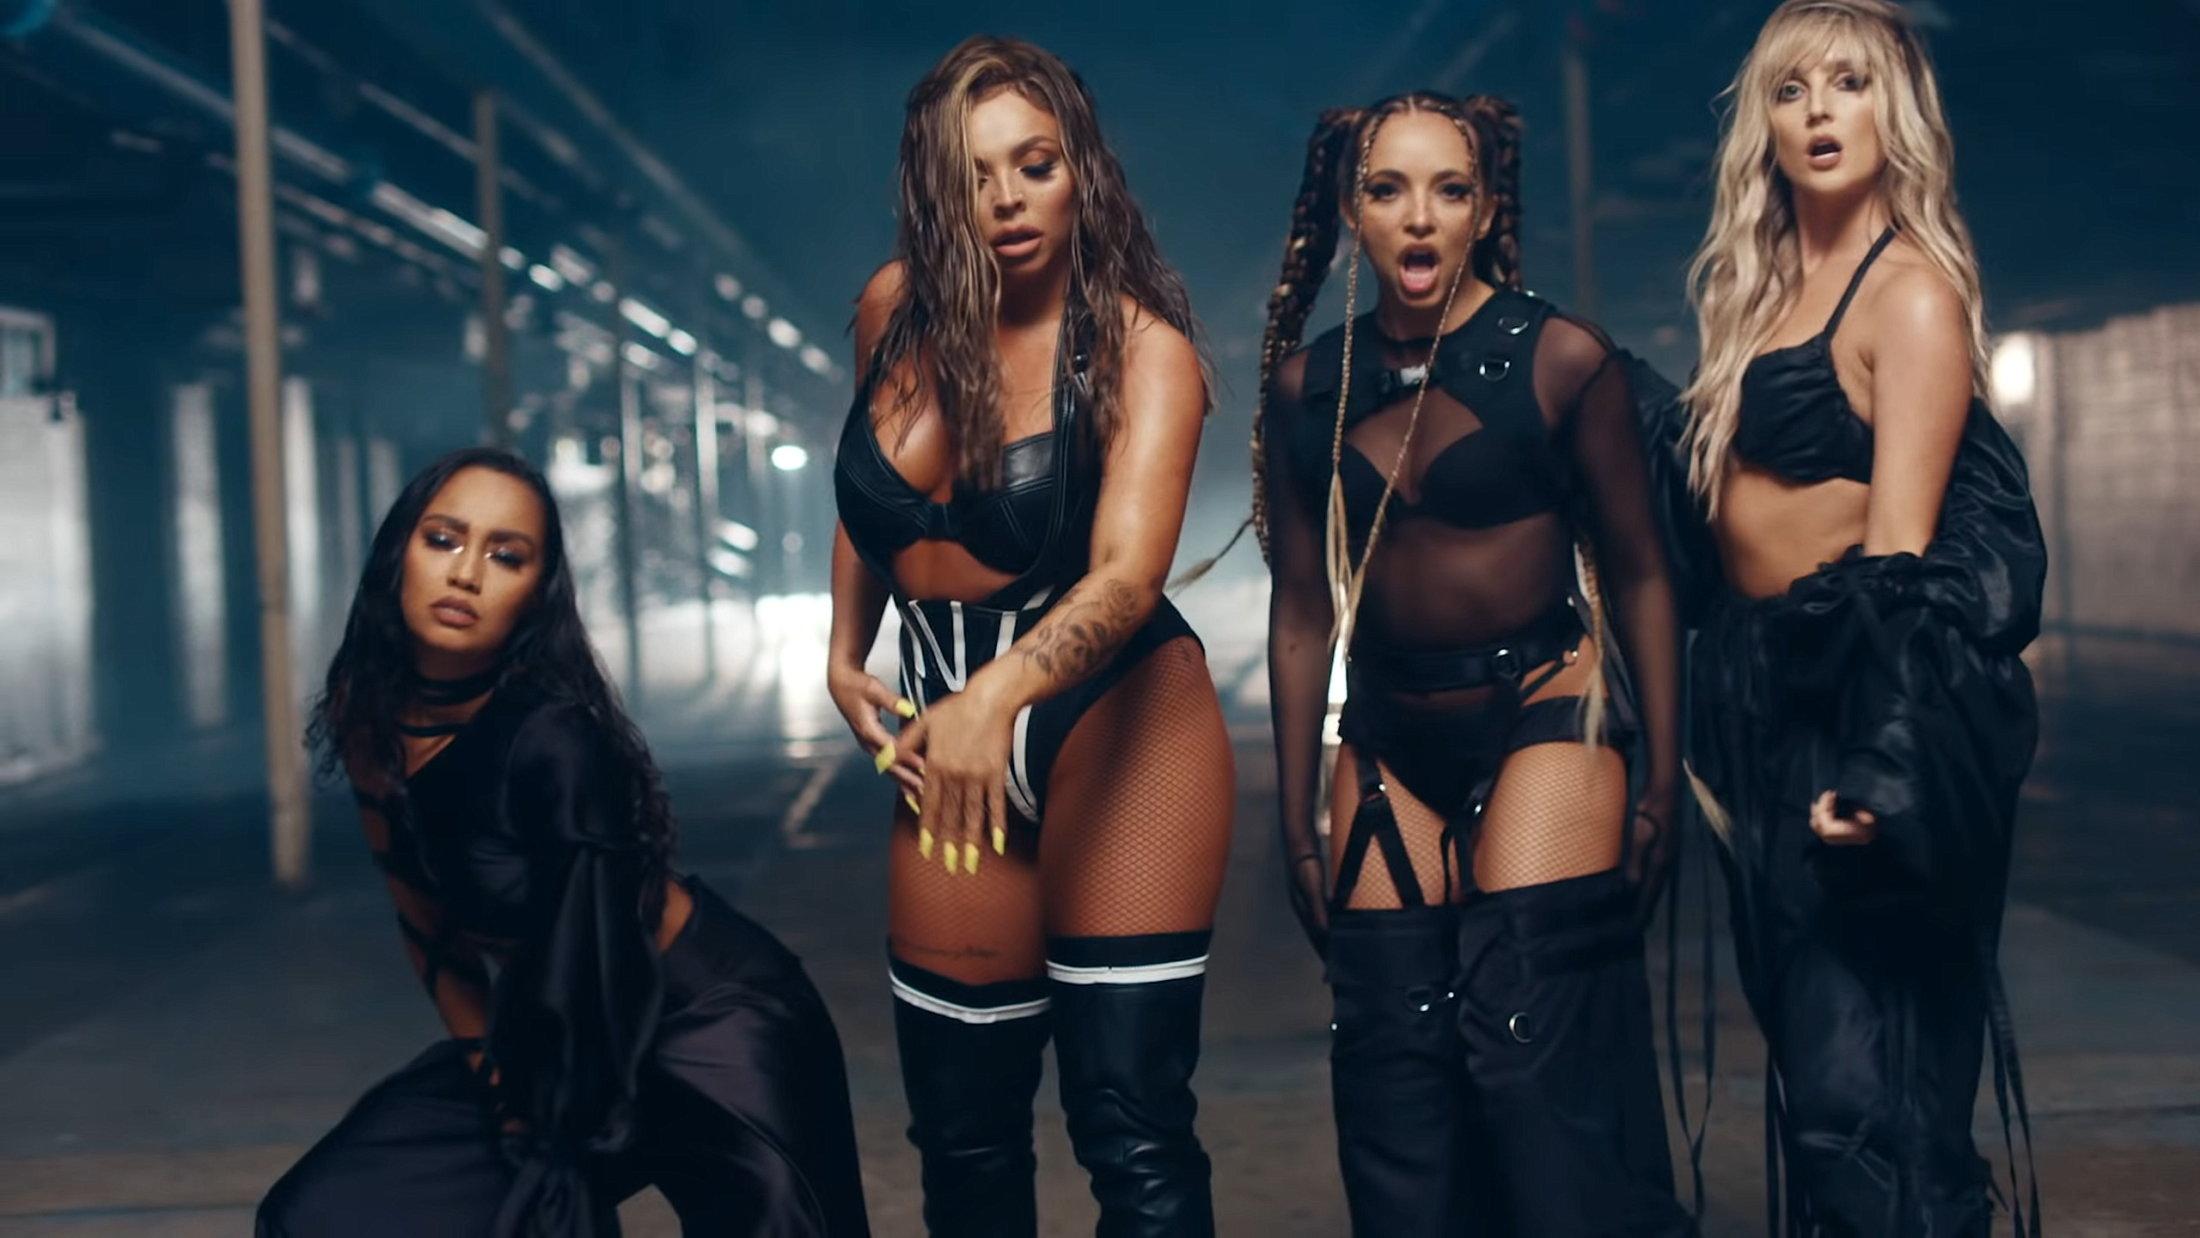 Little Mix - Sweet Melody (Official Video) 1-24 Screenshot